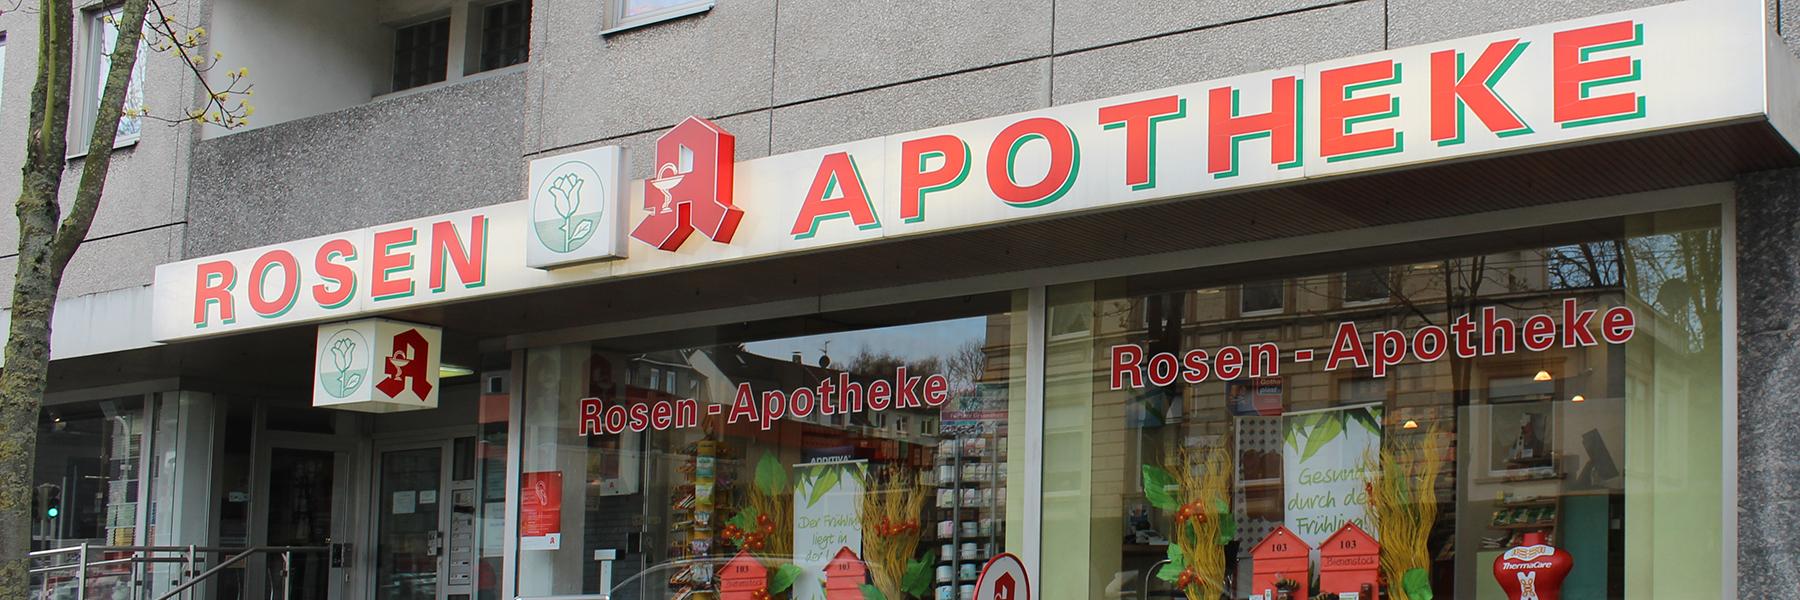 Herzlich willkommen in Ihrer Rosen-Apotheke!